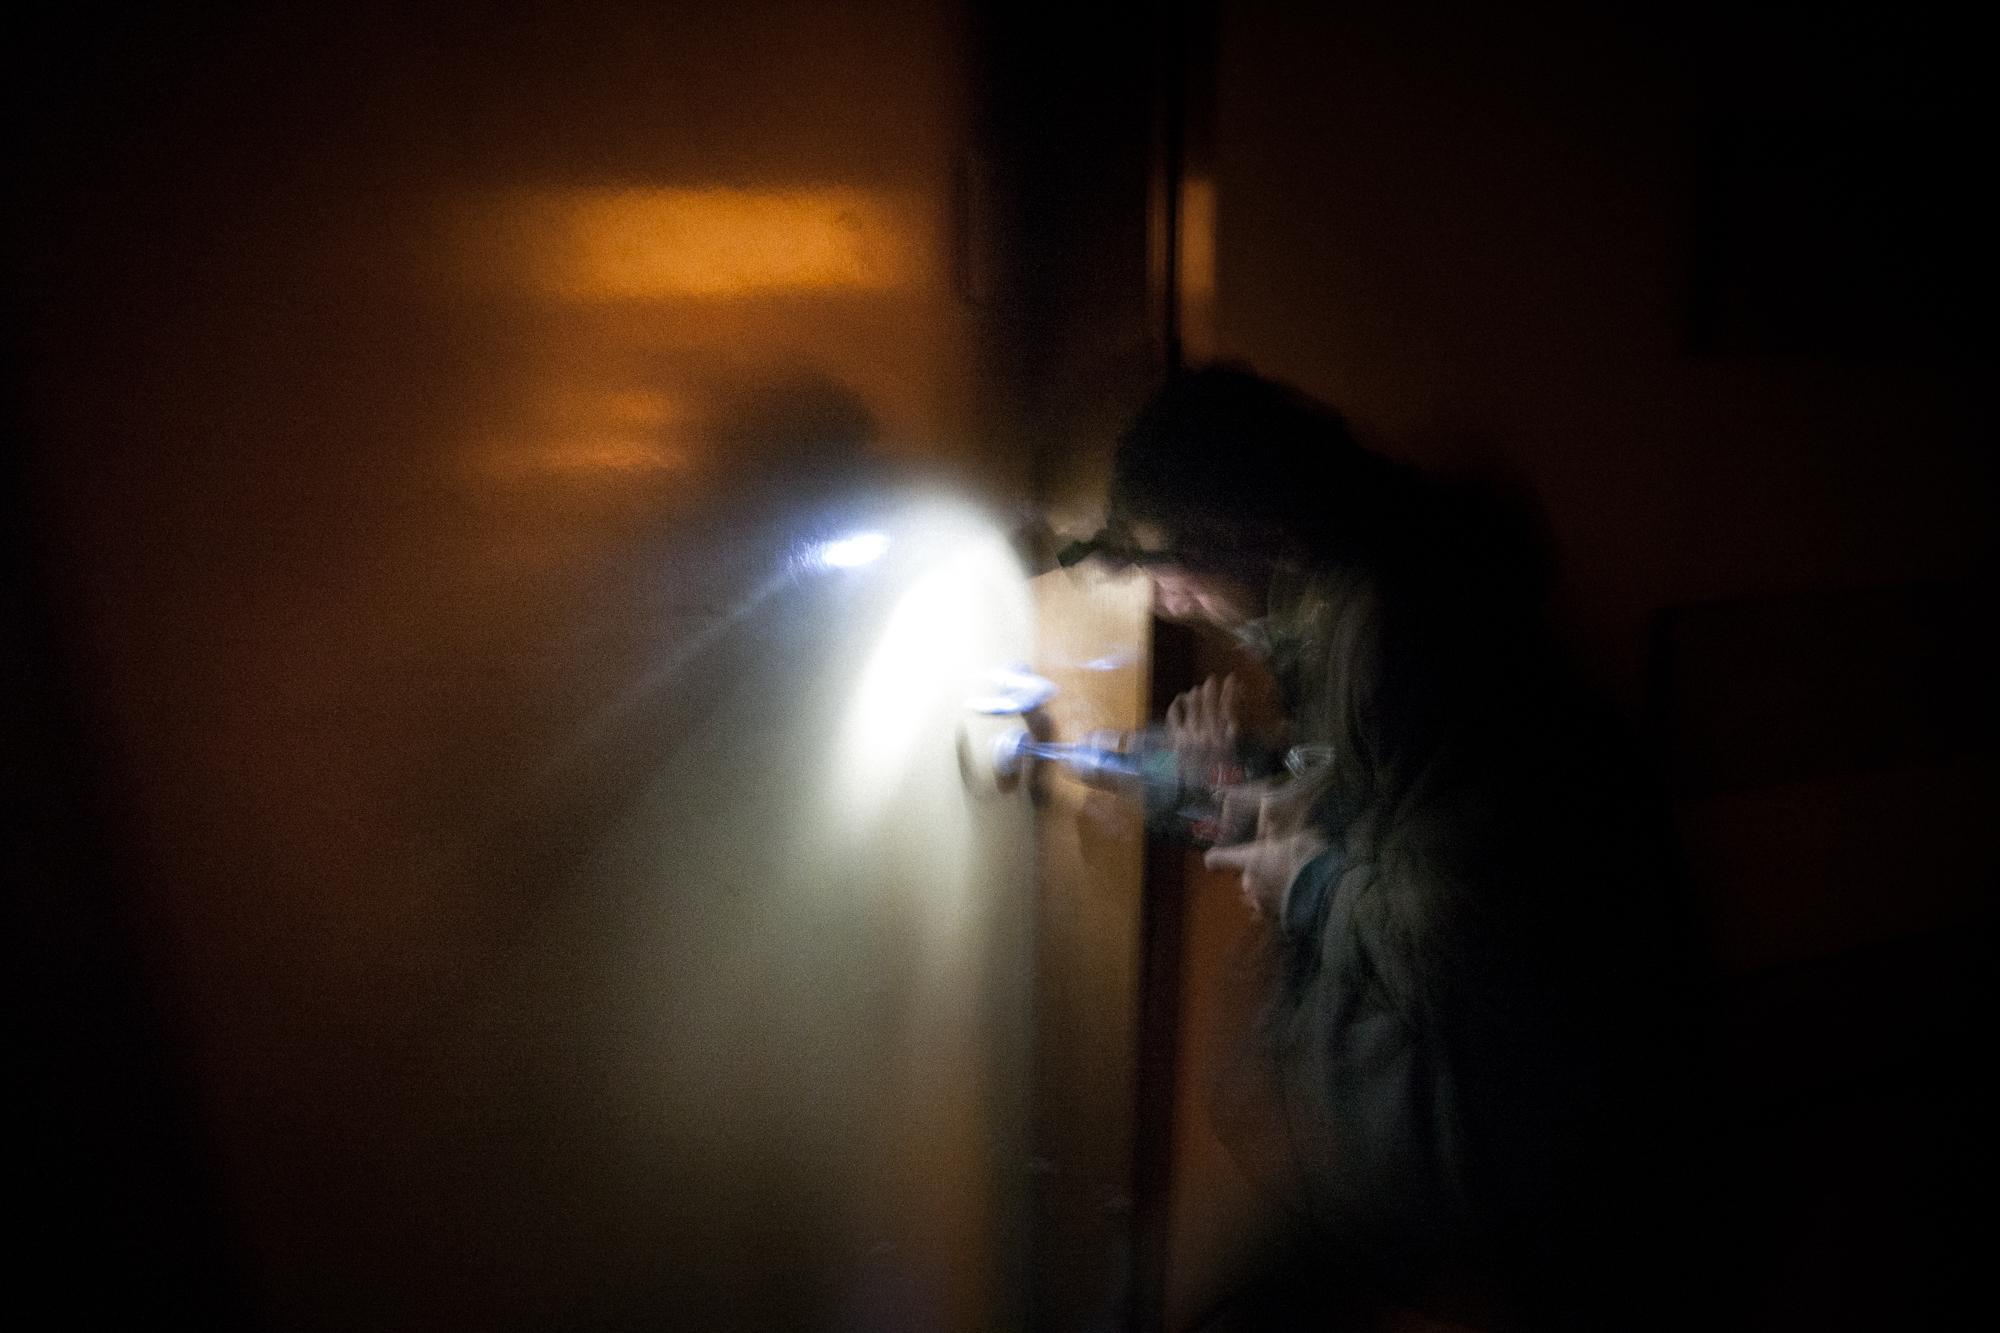 Looking for a squat. A squattable building has been found. At night from inside they unlock it to move in quickly. Recherche de squat. Un bâtiment squattable a été trouve. Durant la nuit, de l'intérieur il est ouvert et rapidement emménagé.